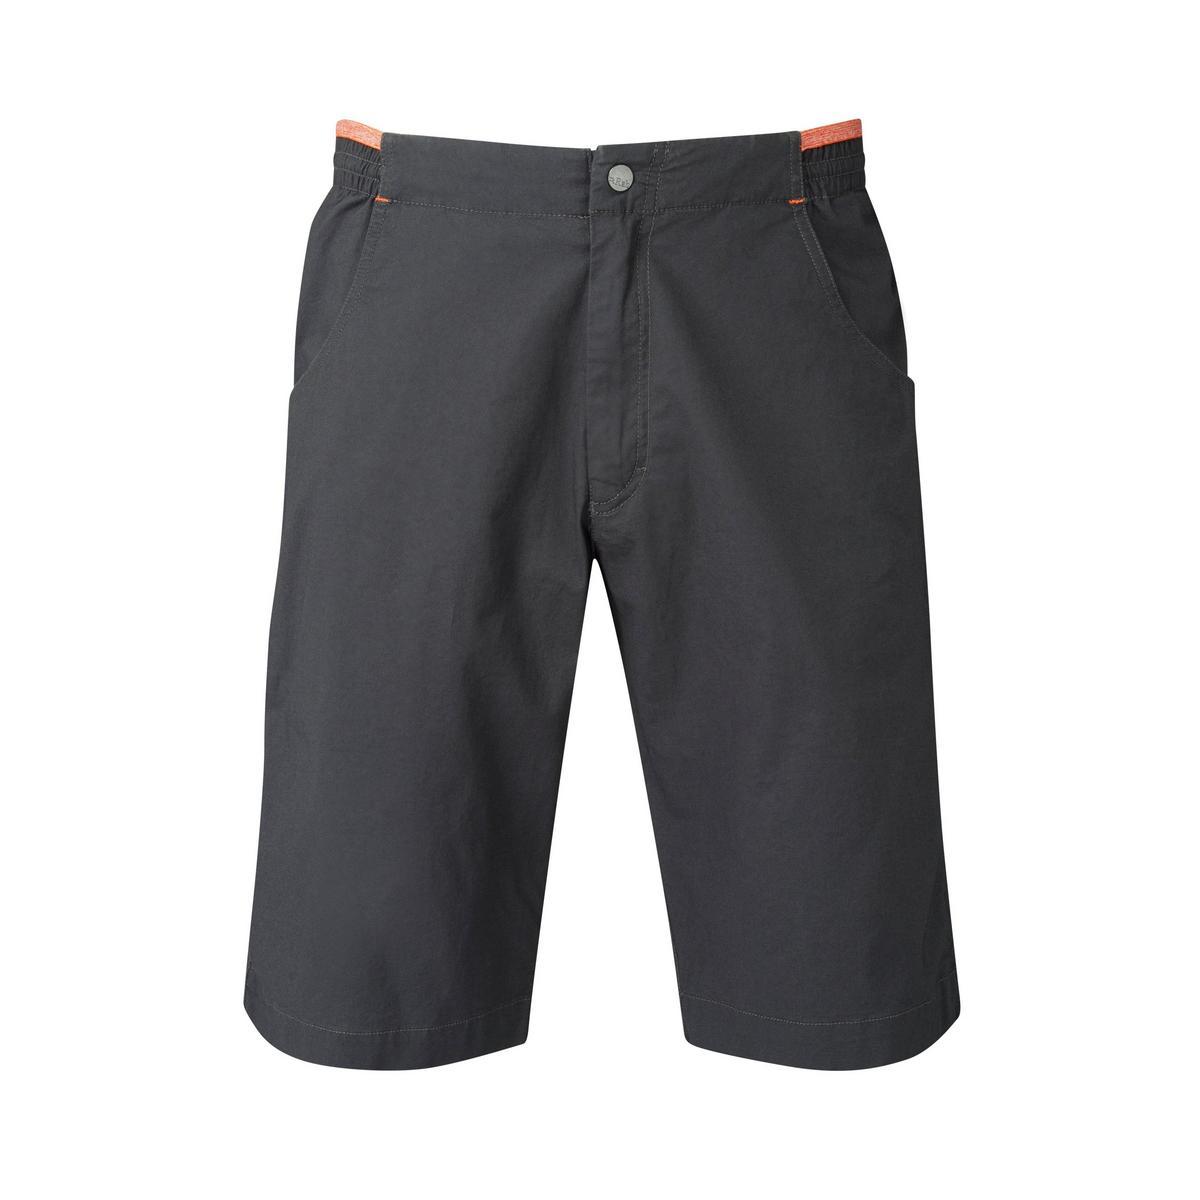 Rab Men's Oblique Shorts